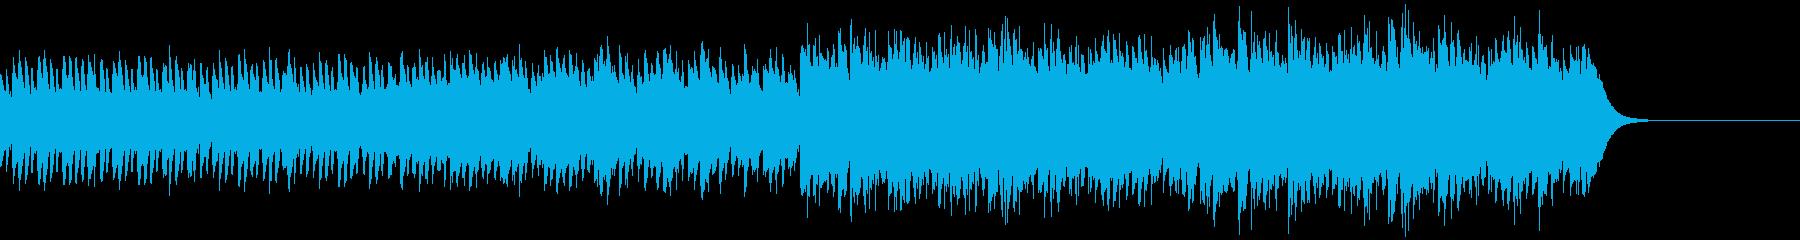 発車ベル風の爽やかなBGM/企業VPの再生済みの波形